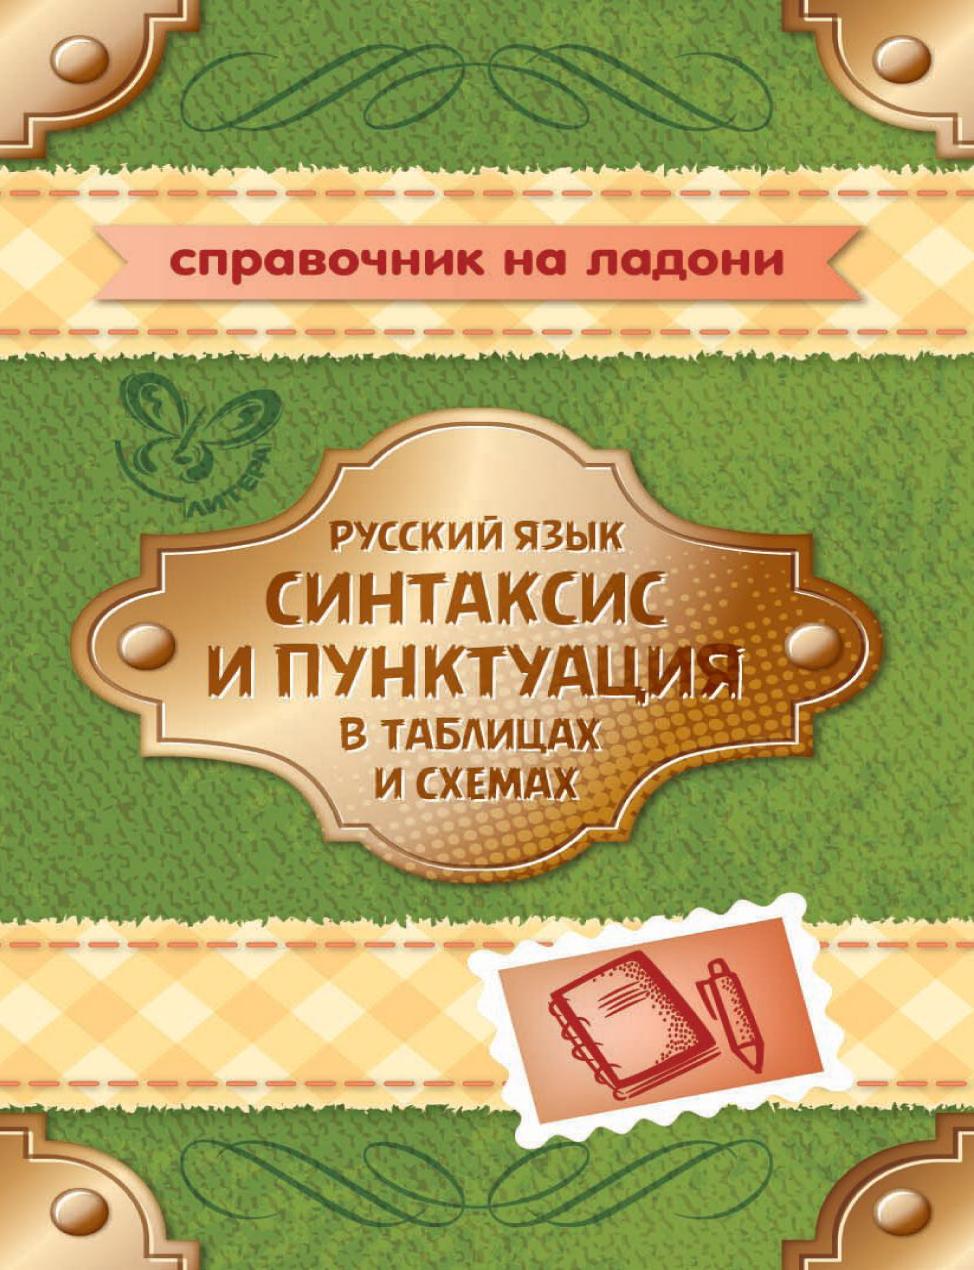 И. М. Стронская Русский язык. Синтаксис и пунктуация в таблицах и схемах синтаксис в таблицах и схемах